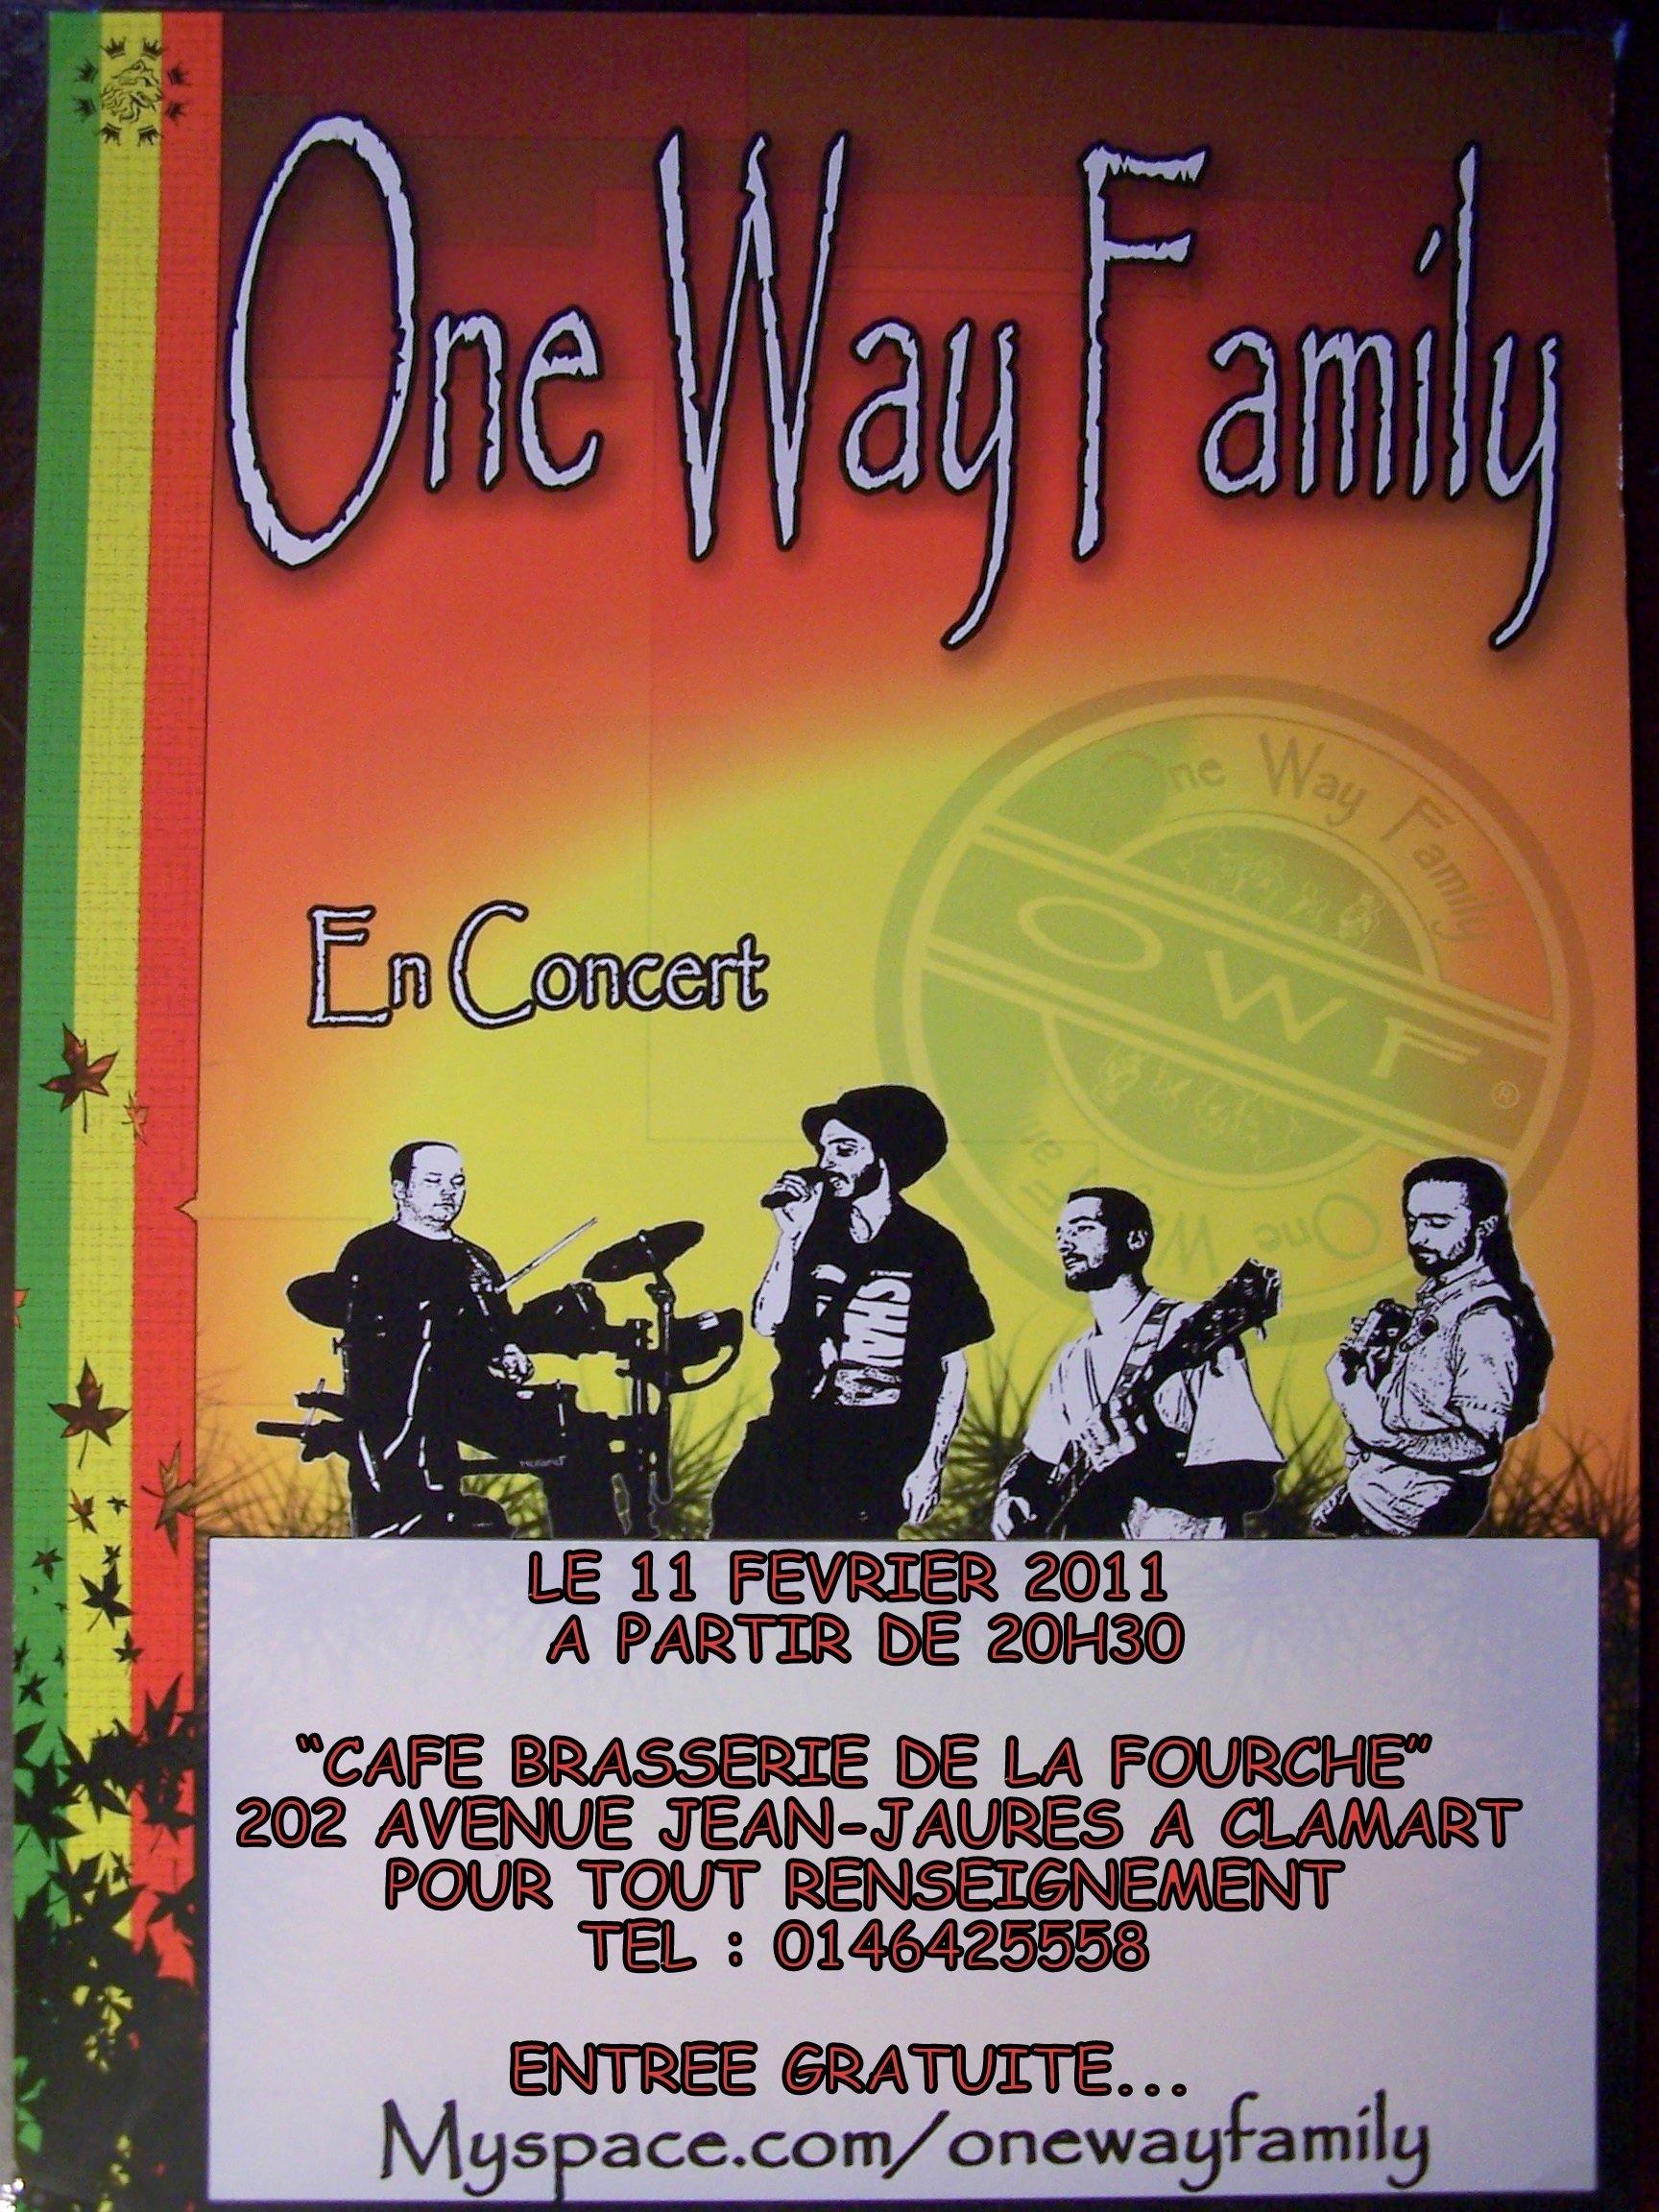 concertlafourche110211.jpg